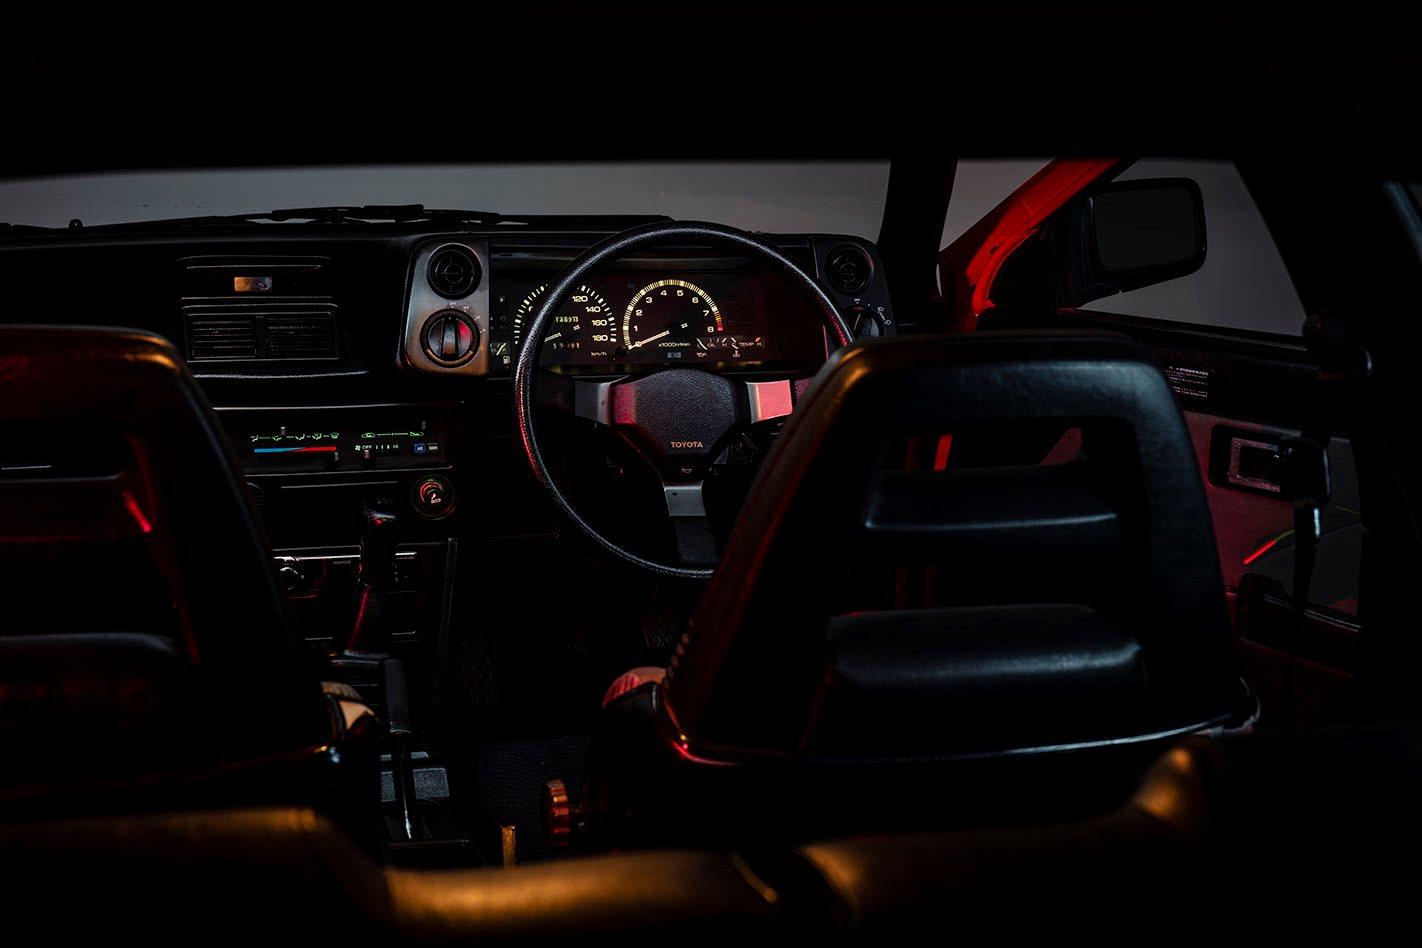 Toyota AE86 interior